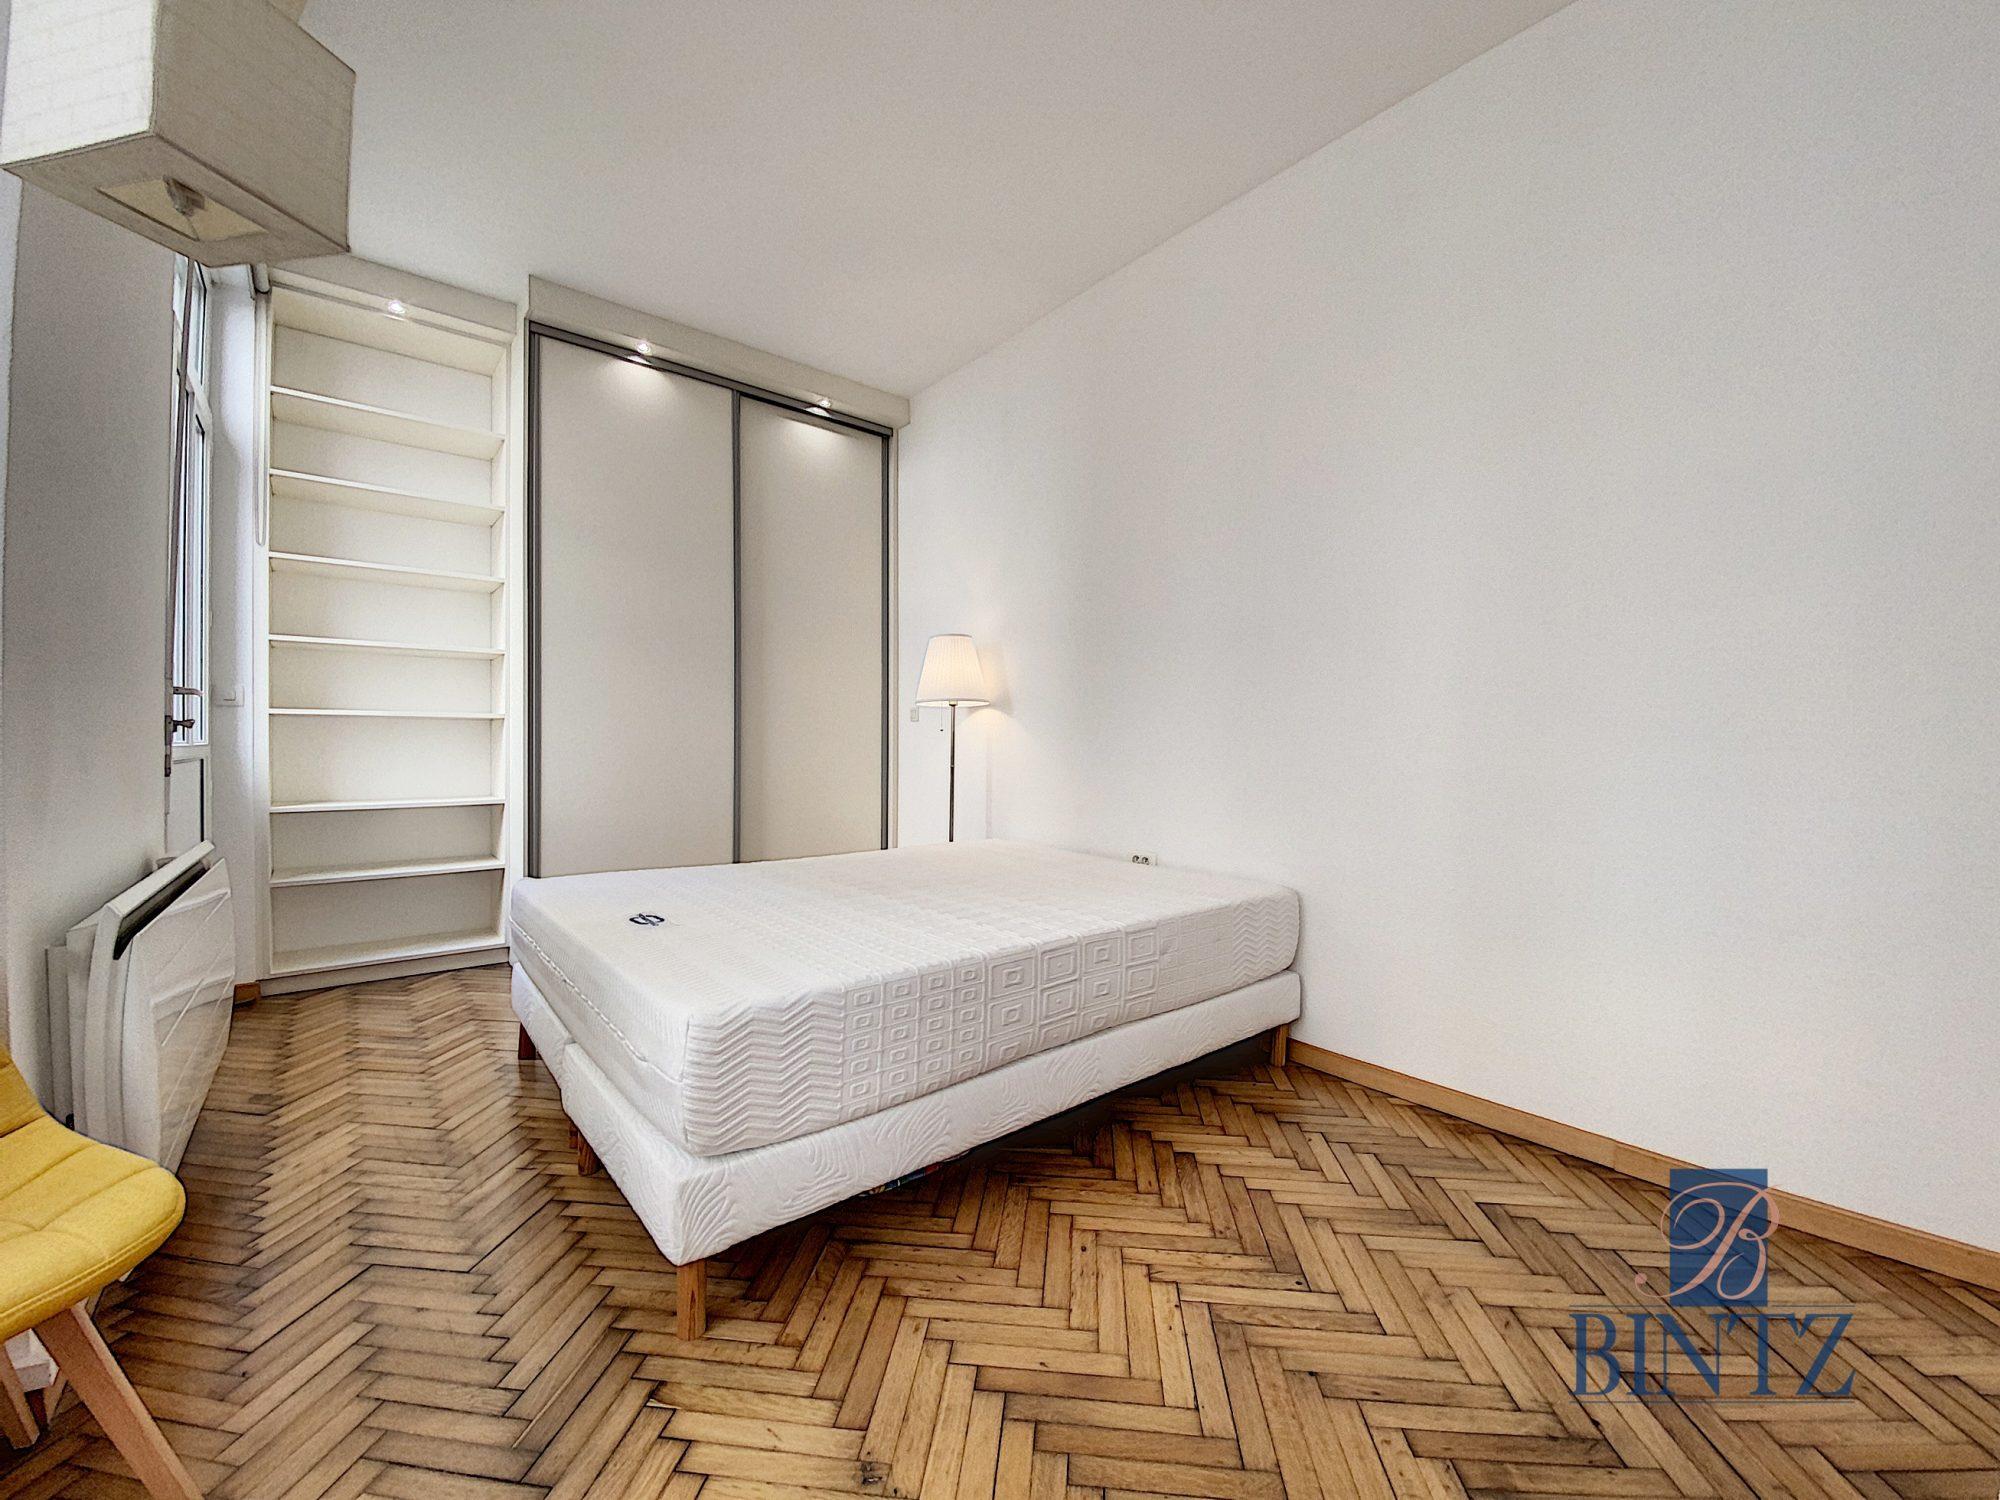 GRAND 1PIÈCE MEUBLÉ NEUSTADT - Devenez locataire en toute sérénité - Bintz Immobilier - 2